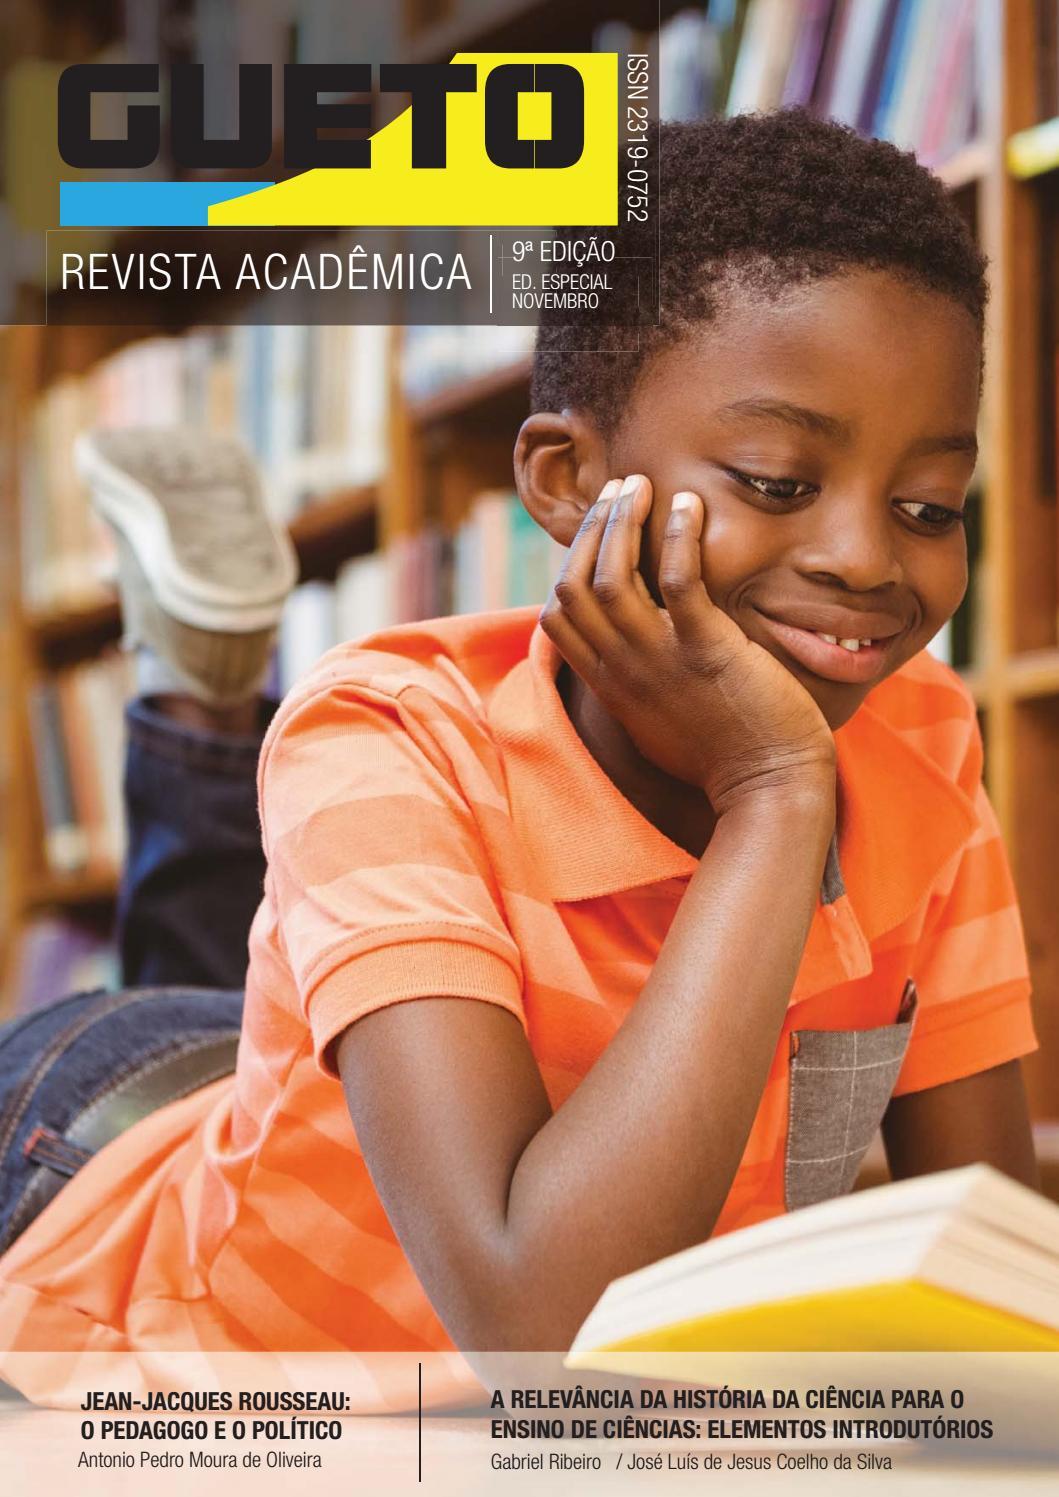 a7b0dd383 Revista Acadêmica GUETO   Edição Especial   vol. 9   Doutores da Educação  by Revista Acadêmica GUETO - issuu